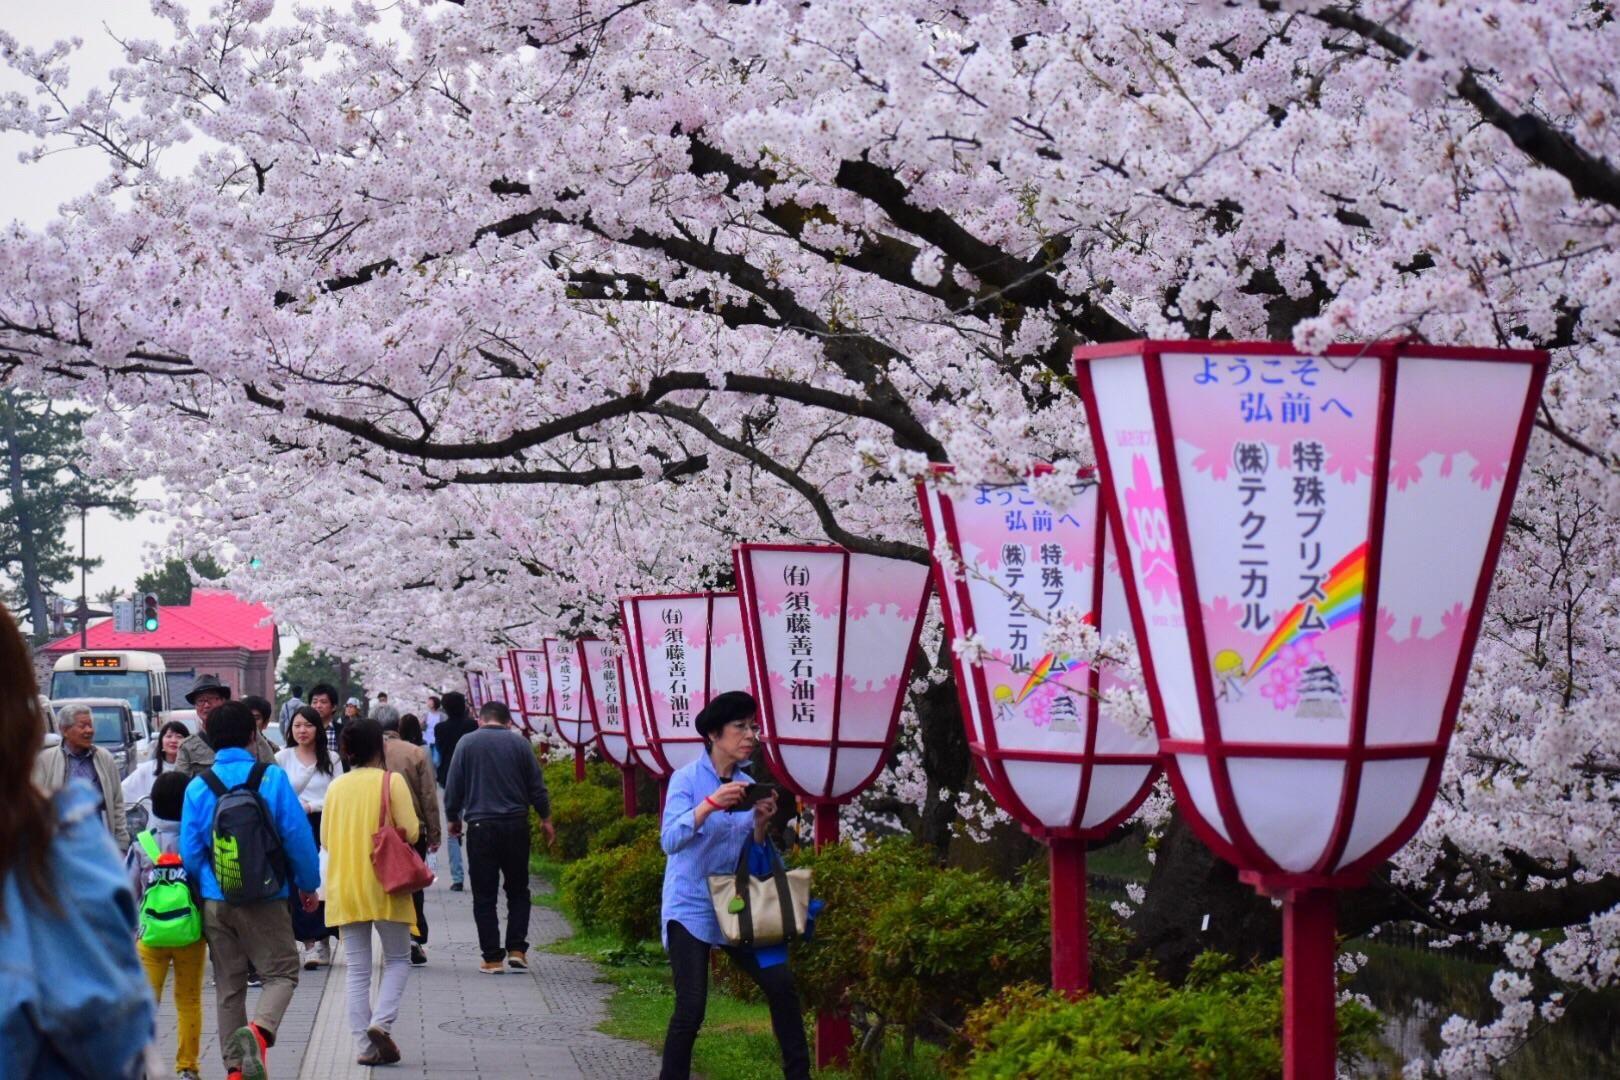 Hirosaki Cherry Blossom Festival 2018 Hirosaki Japan Cherry Blossom Festival Blossom Cherry Blossom